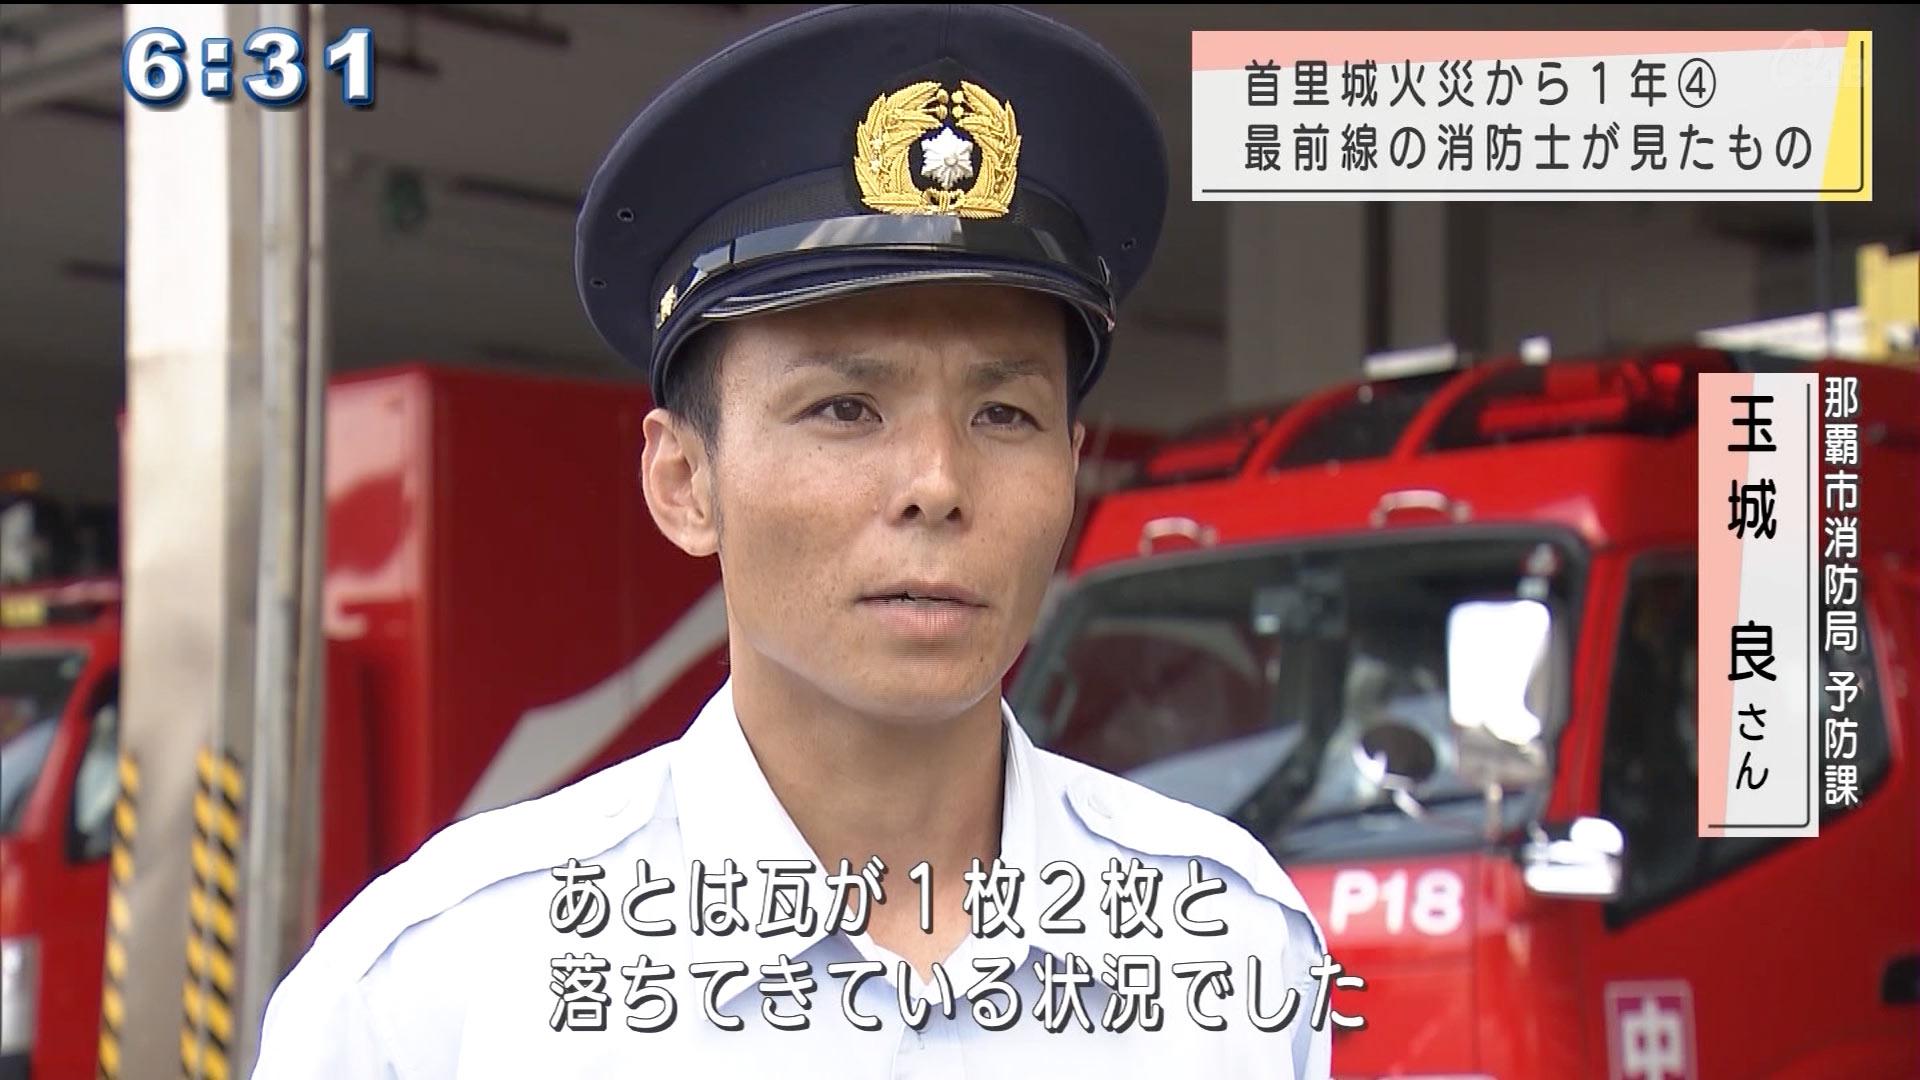 首里城火災 現場の消防士が見たもの